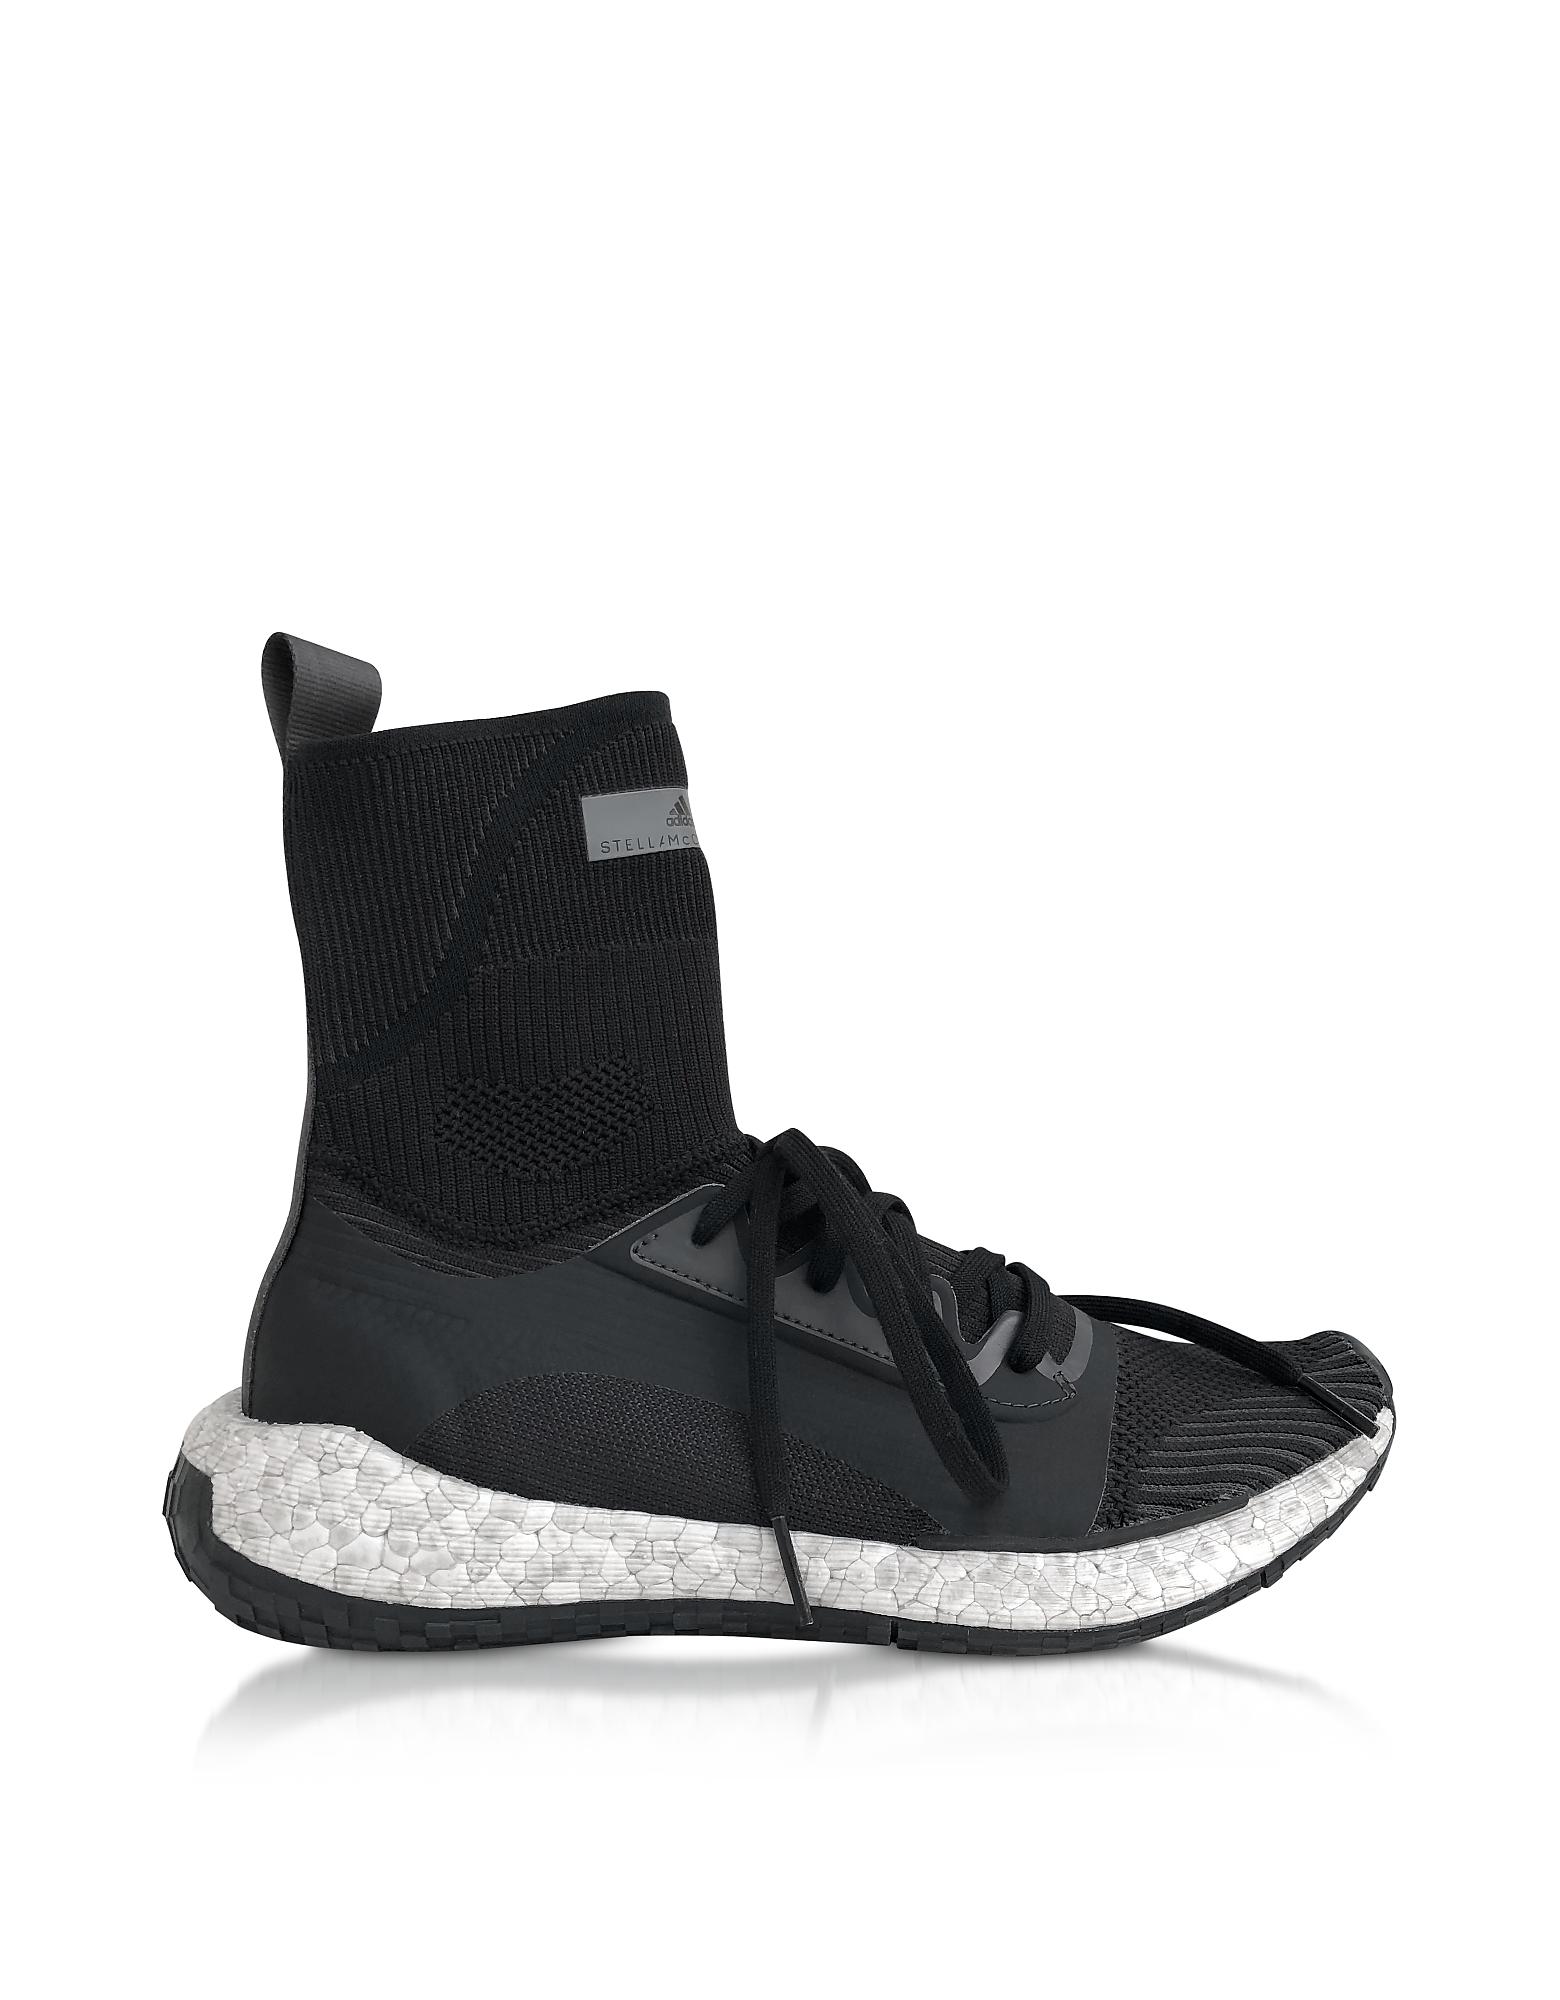 UltraBOOST HD Sneakers